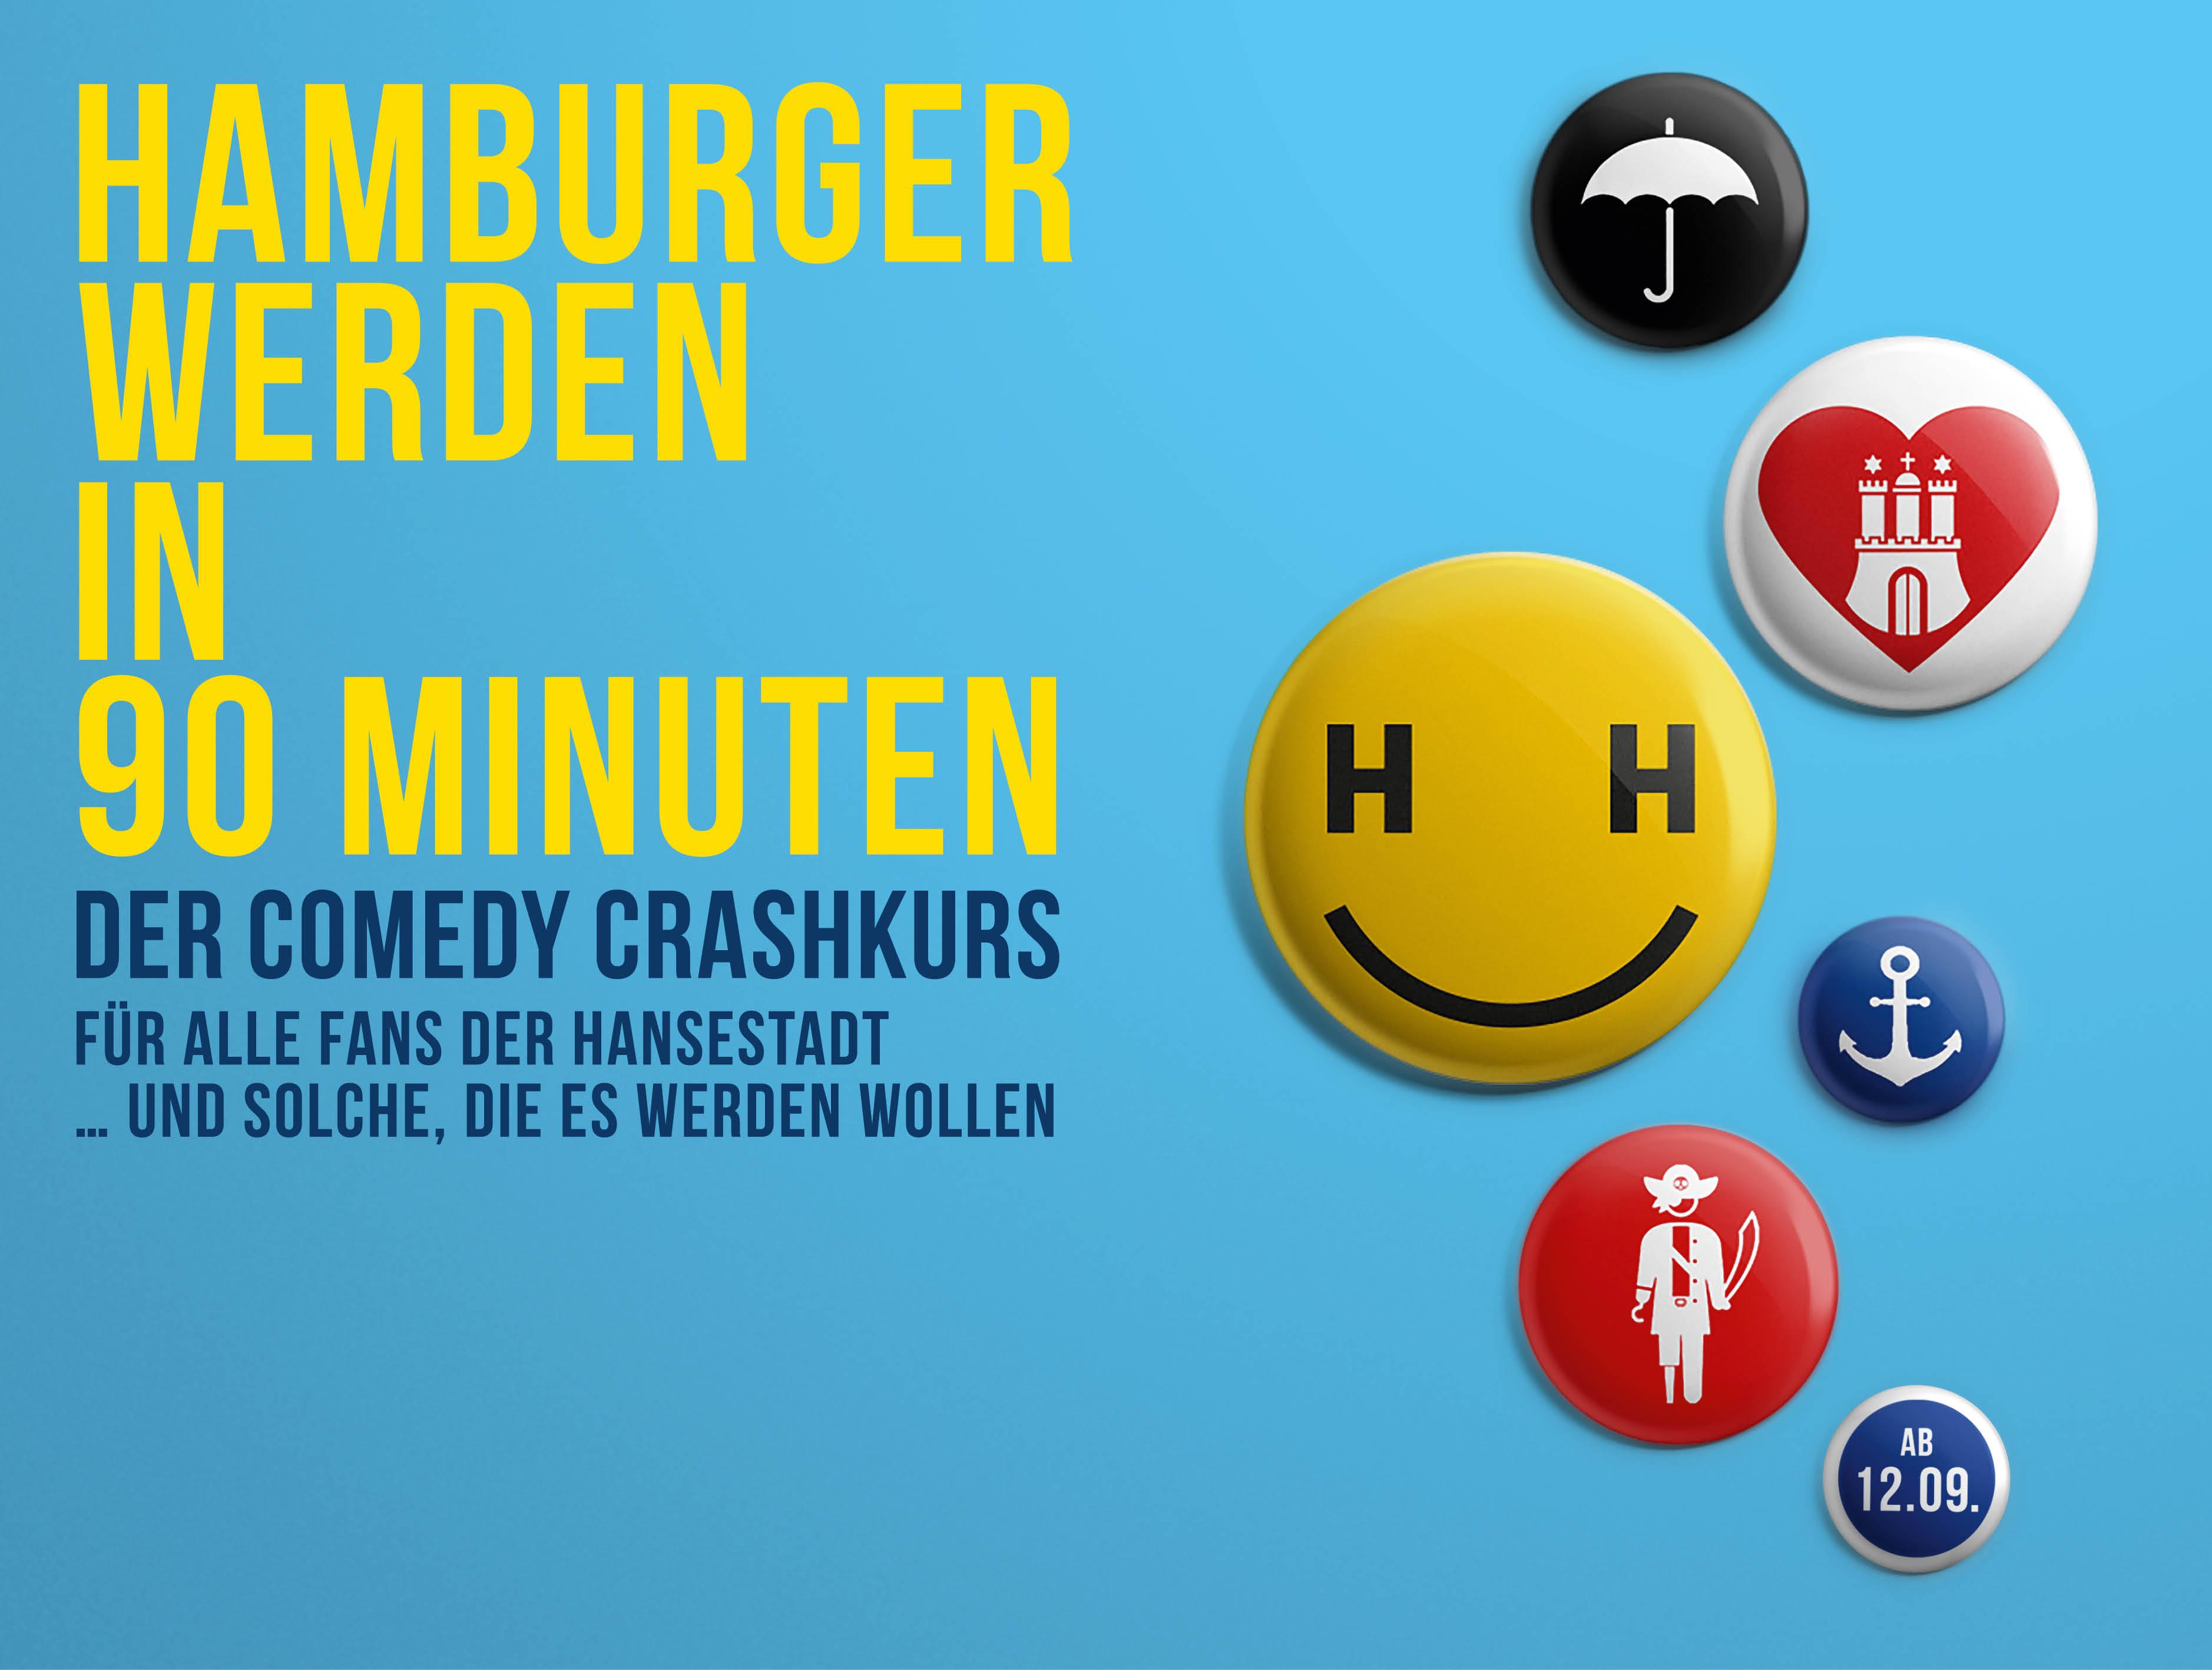 Hamburger werden in 90 Minuten